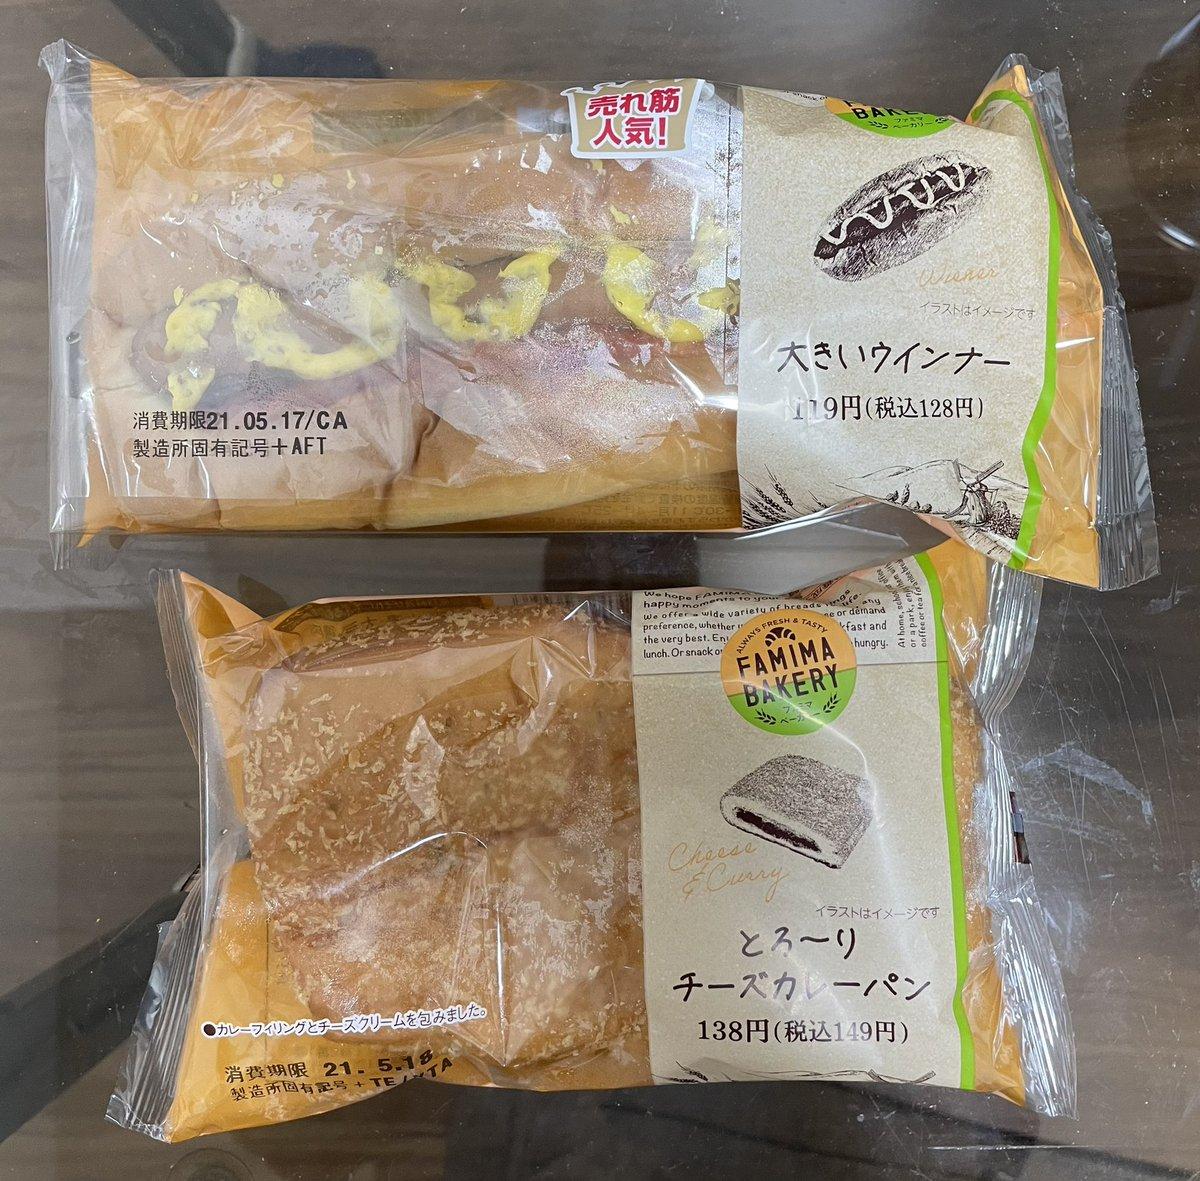 test ツイッターメディア - ついでにカレーパンを買った(笑) ラストアイドルの影響で主食と化しつつある😅 https://t.co/9GagkOmuwf